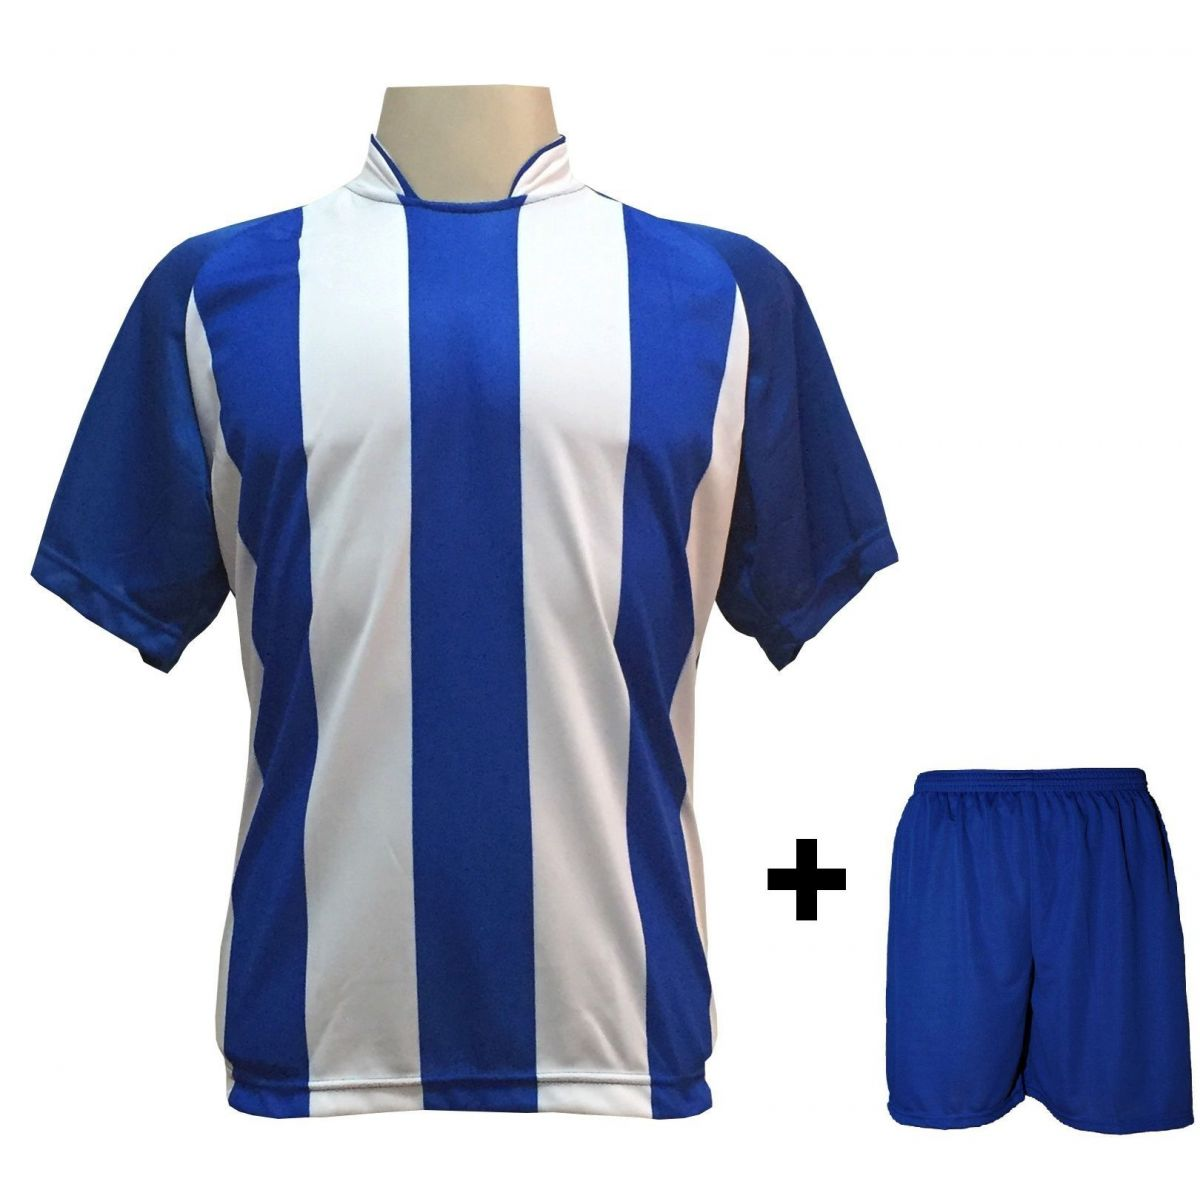 Uniforme Esportivo com 20 Camisas modelo Milan Royal/Branco + 20 Calções modelo Madrid Royal